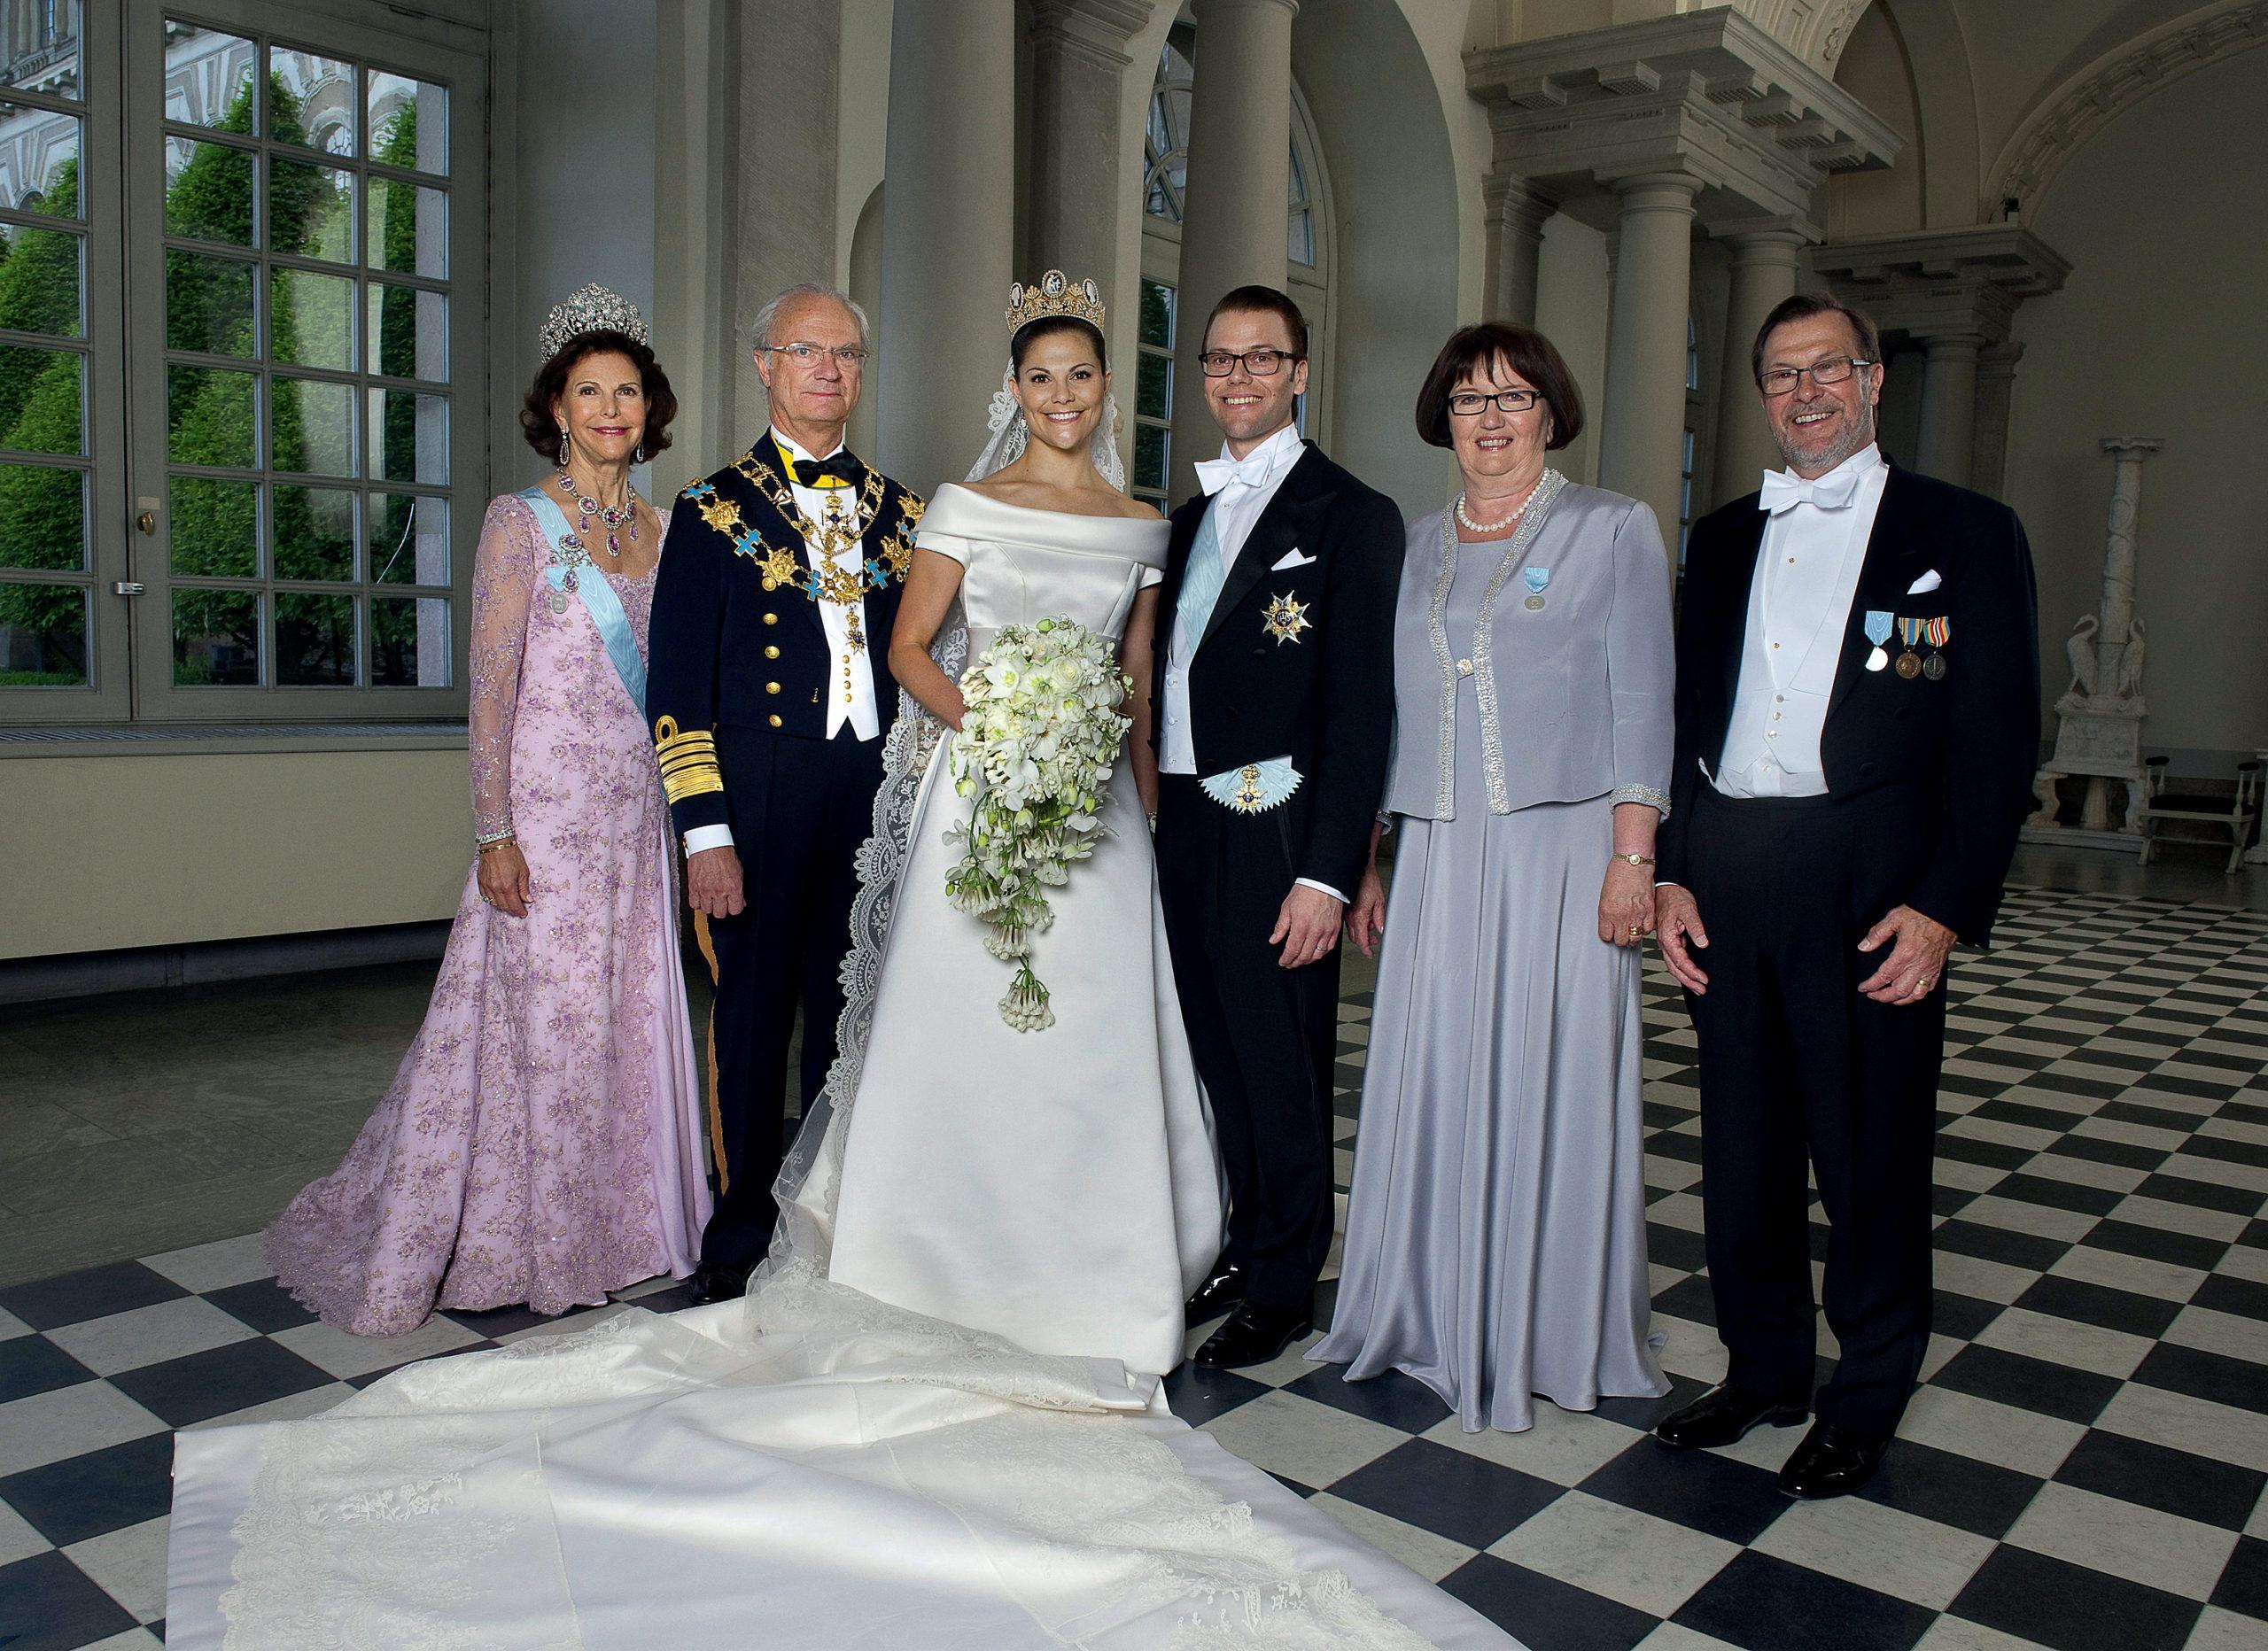 кронпринцесса принцесса Виктория принц Даниэль король карл густав королева сильвия Швеция королевская семья парадный портрет